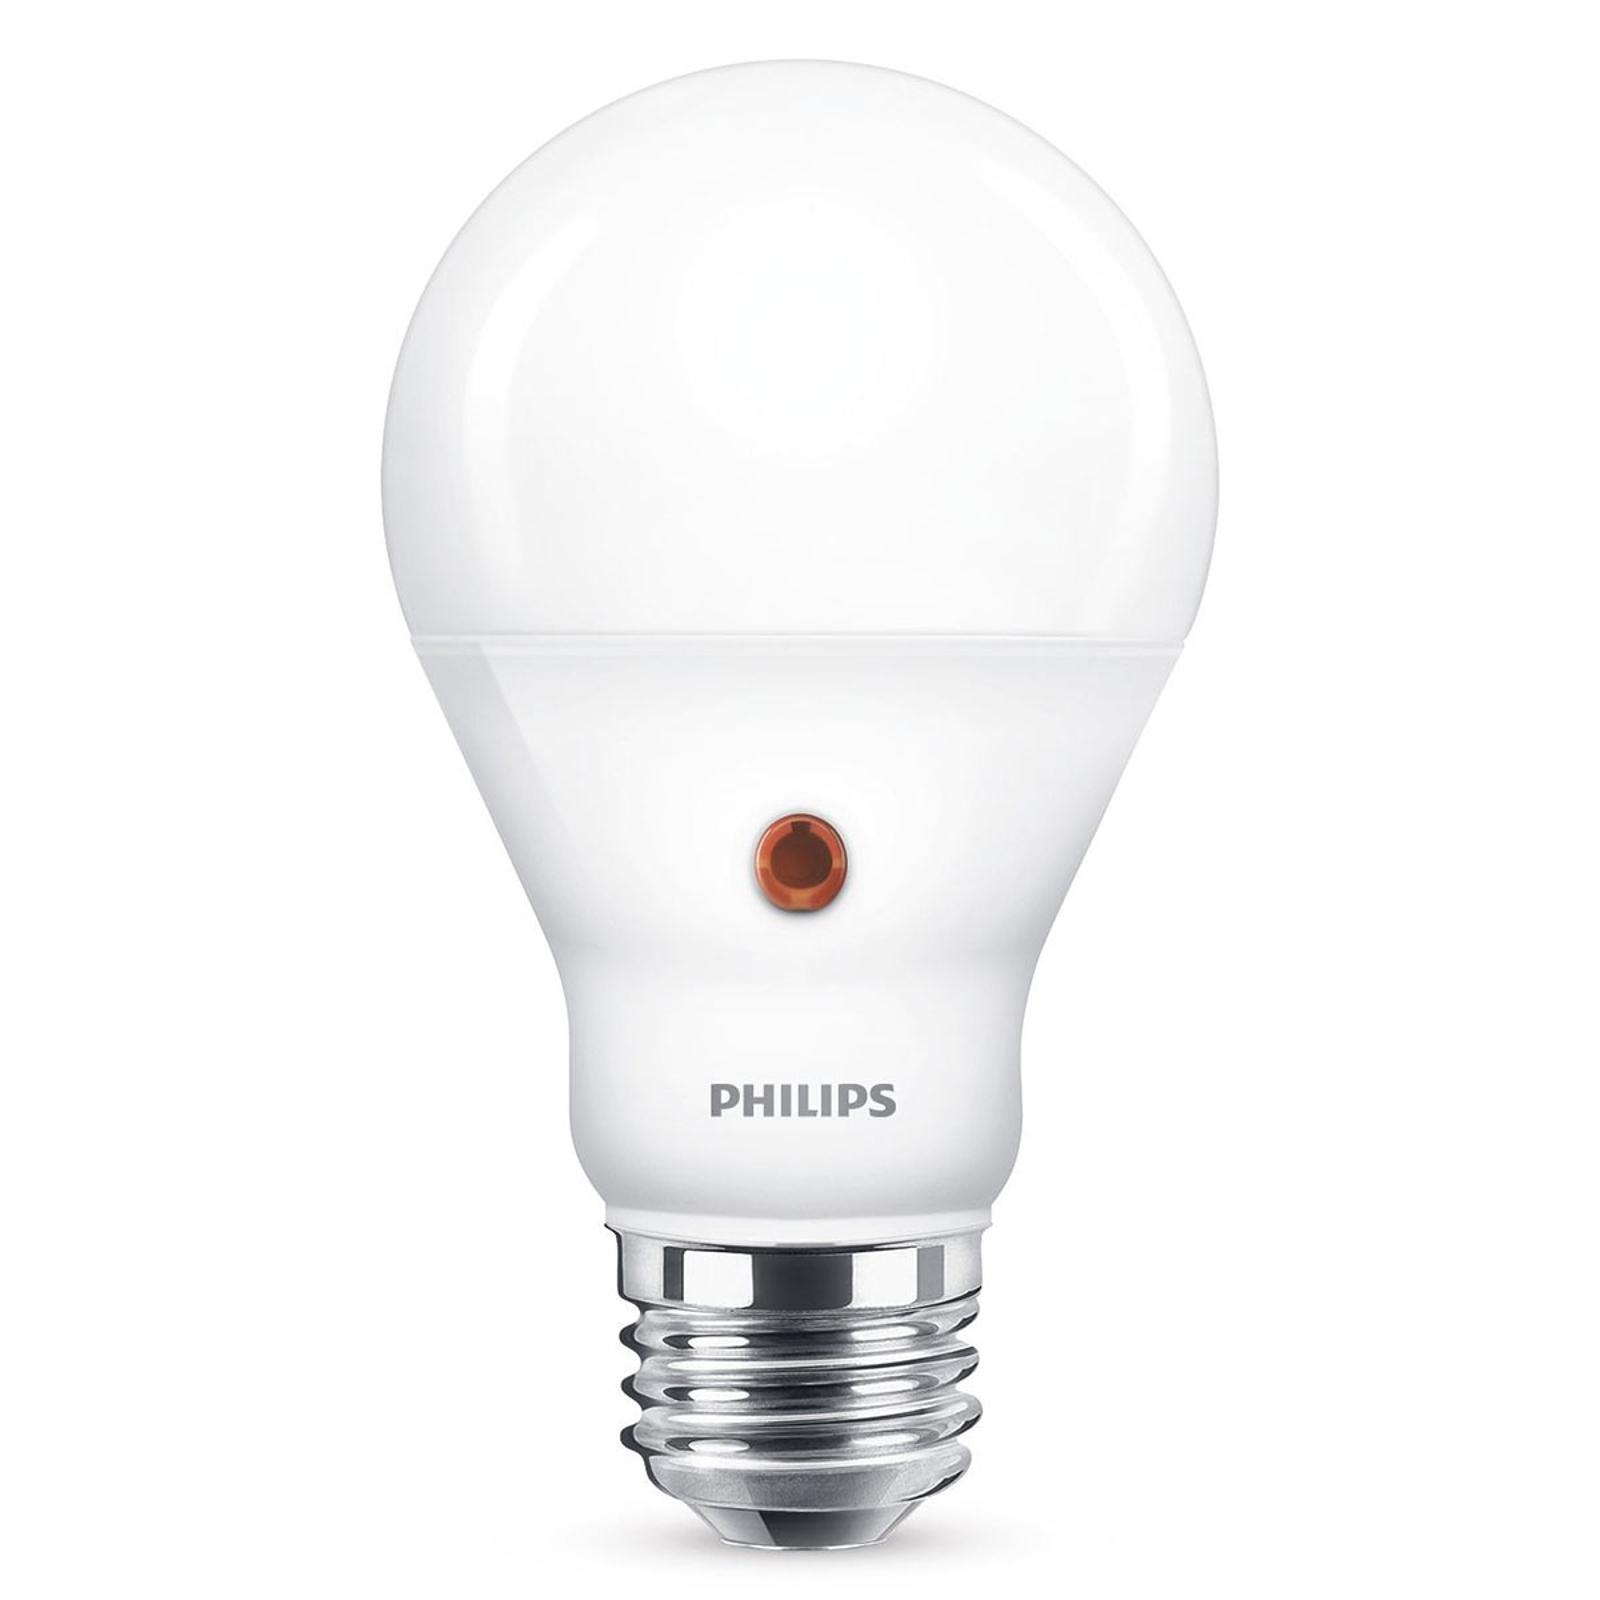 Philips E27 LED-pære dag/natt-sensor 7,5 W 2700K